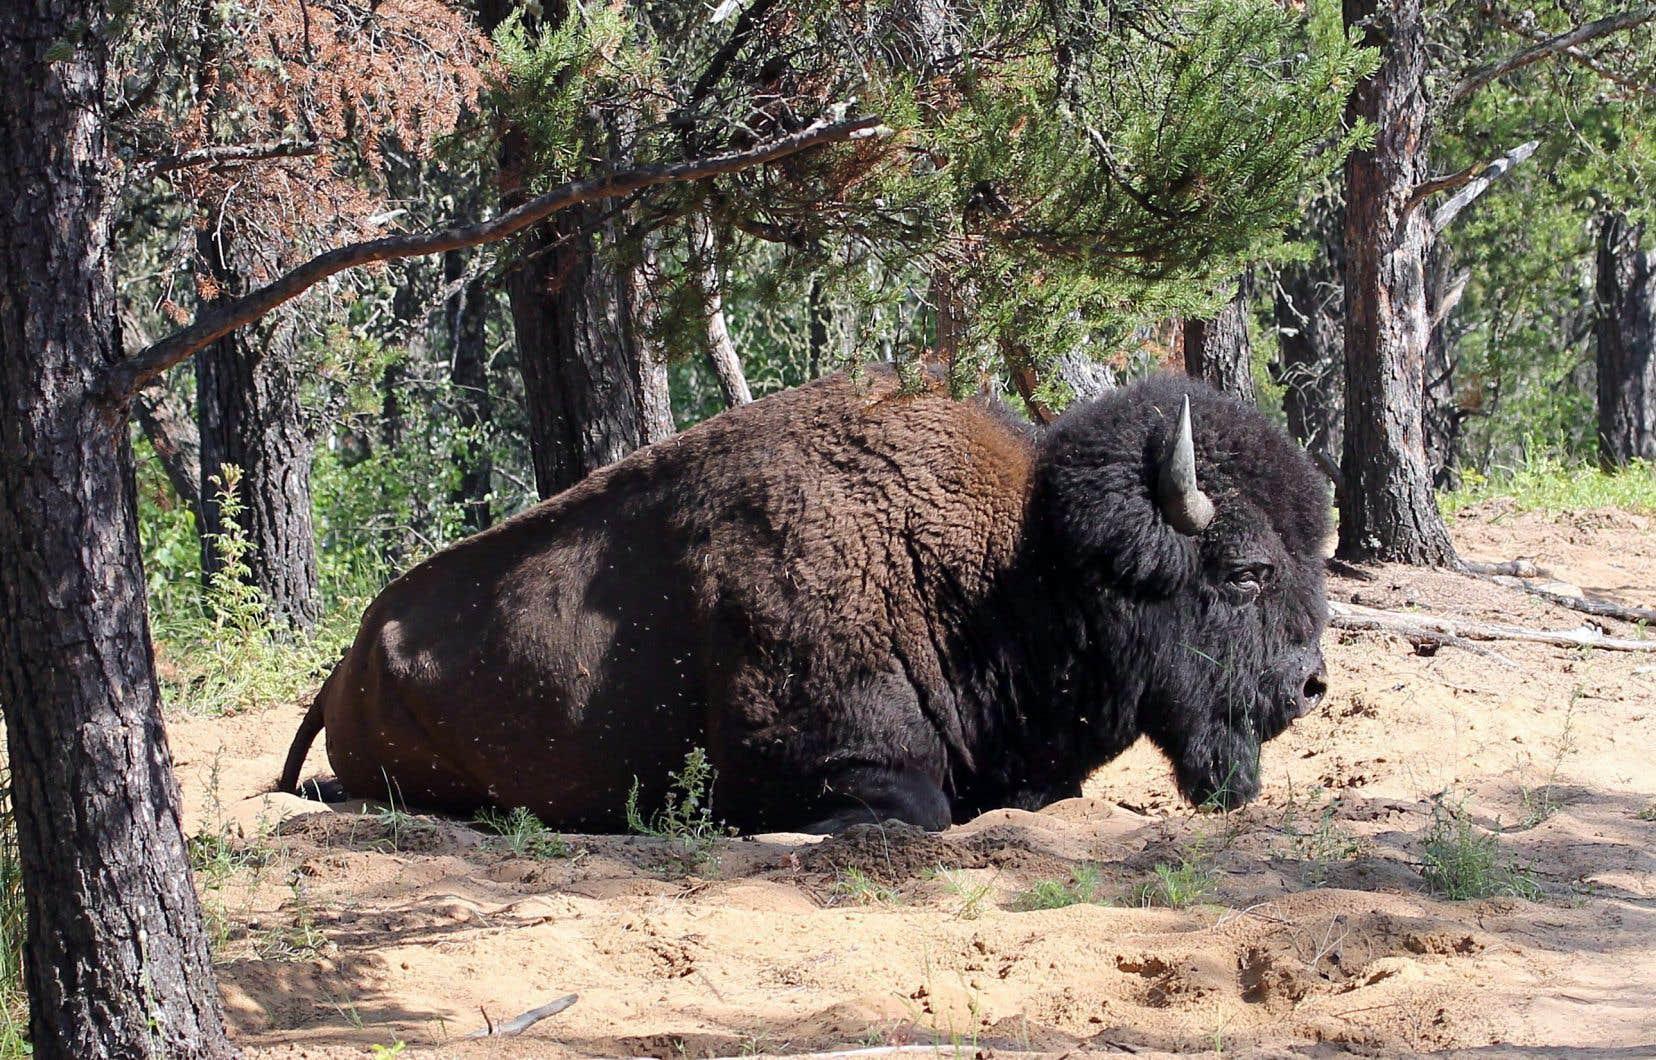 L'étude fédérale a été conduite en raison des inquiétudes soulevées à l'égard du statut de patrimoine mondial de l'UNESCO du parc. En photo: un bison dans le parc Wood Buffalo, en Alberta.